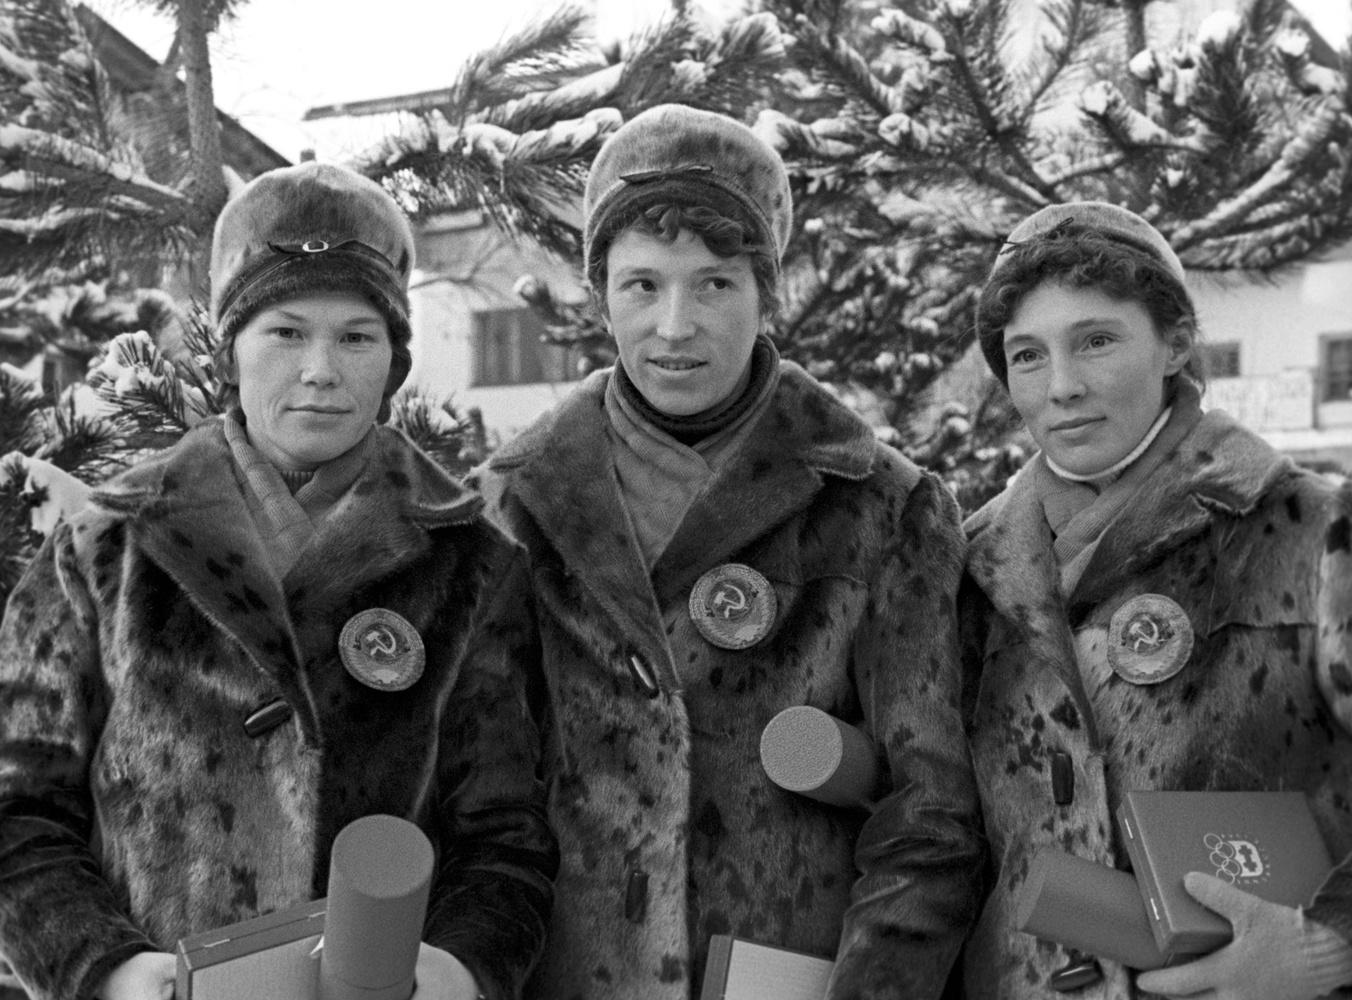 88132dbf Советские лыжницы Евдокия Мекшило, Клавдия Боярских и Алевтина Колчина,  взявшие золото в эстафете 3х5 километров на зимних Олимпийских играх в  Инсбруке, ...